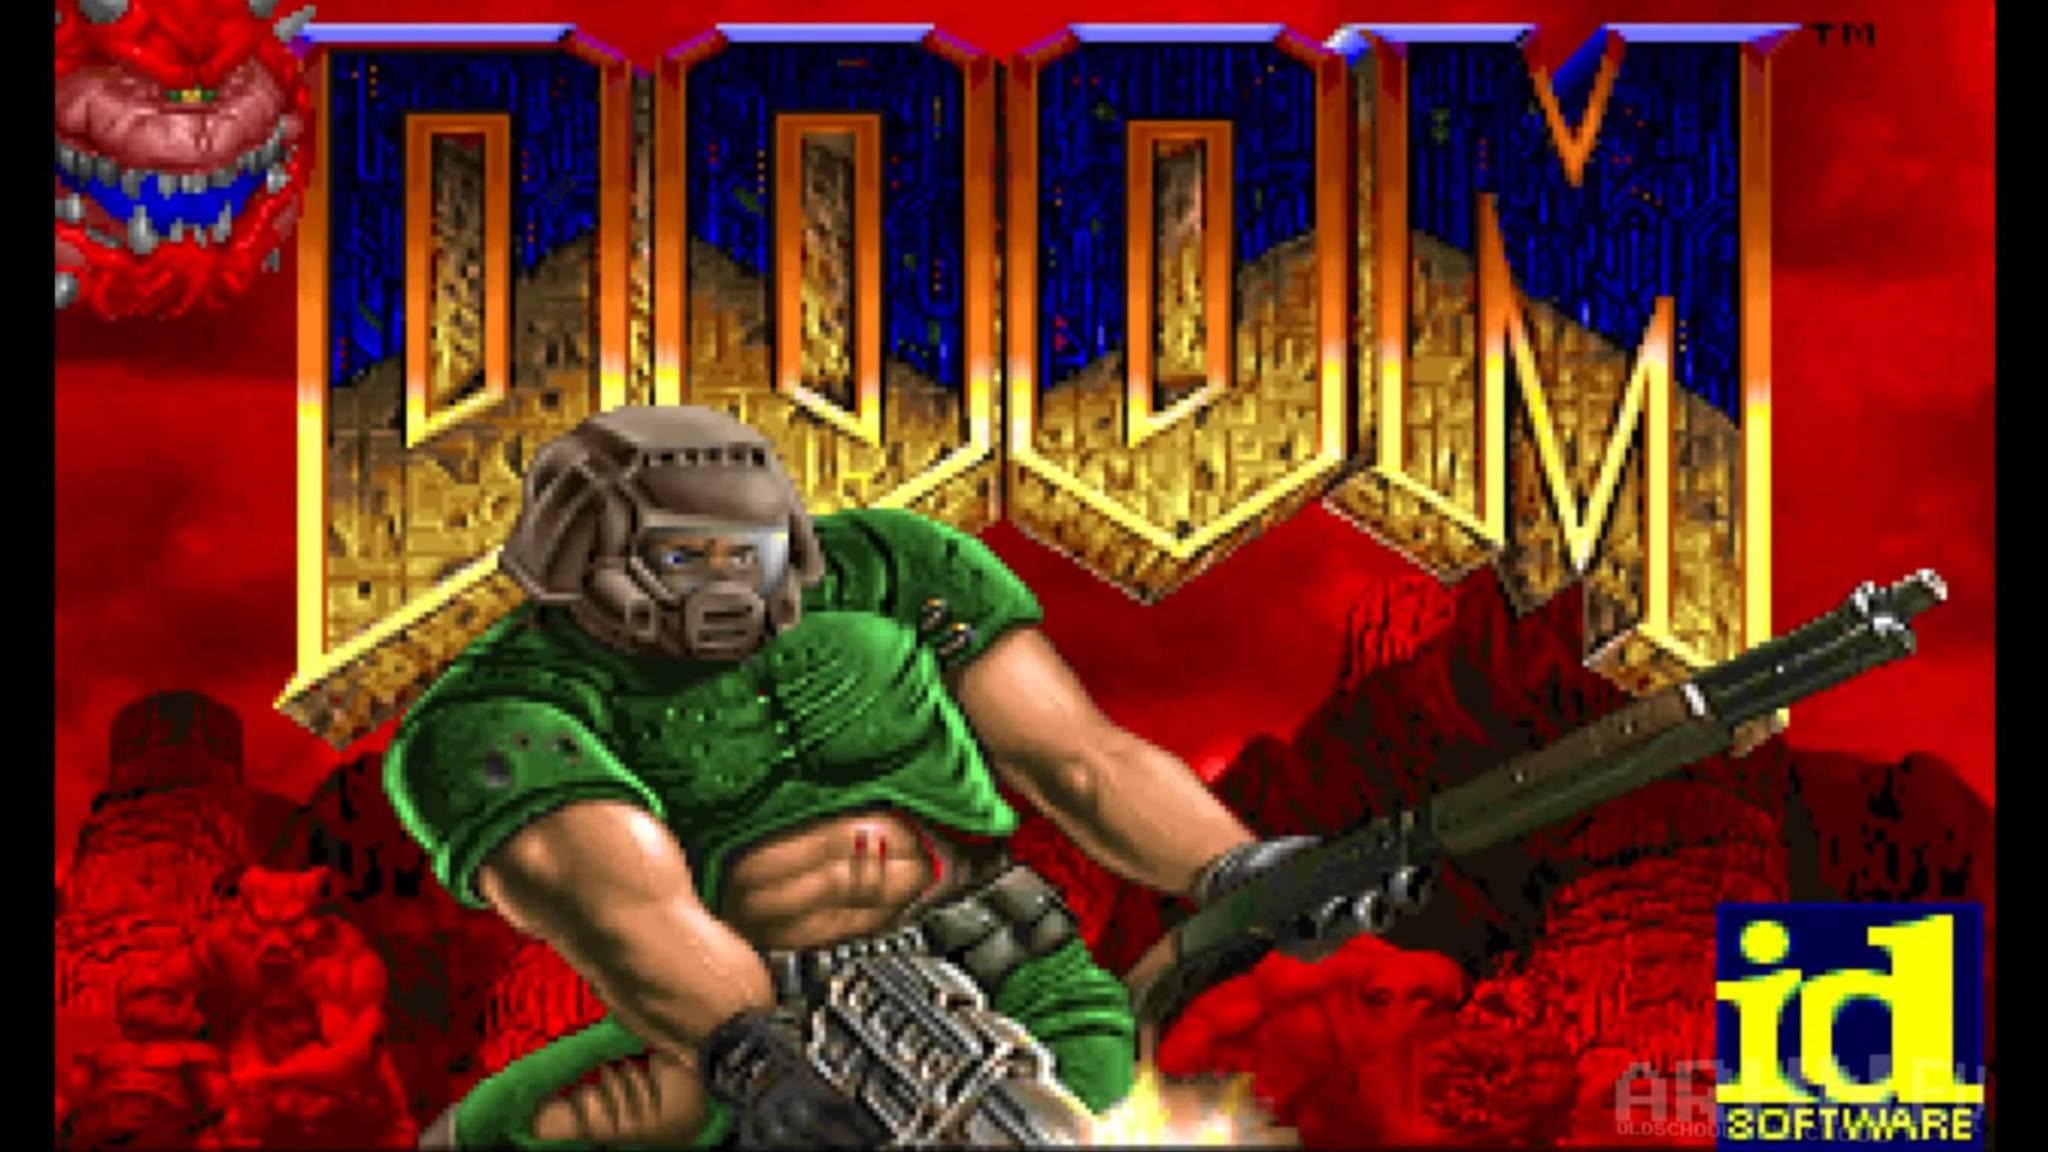 """Programmierer-Weisheit: """"Doom"""" läuft auf allem, was einen Bildschirm hat."""